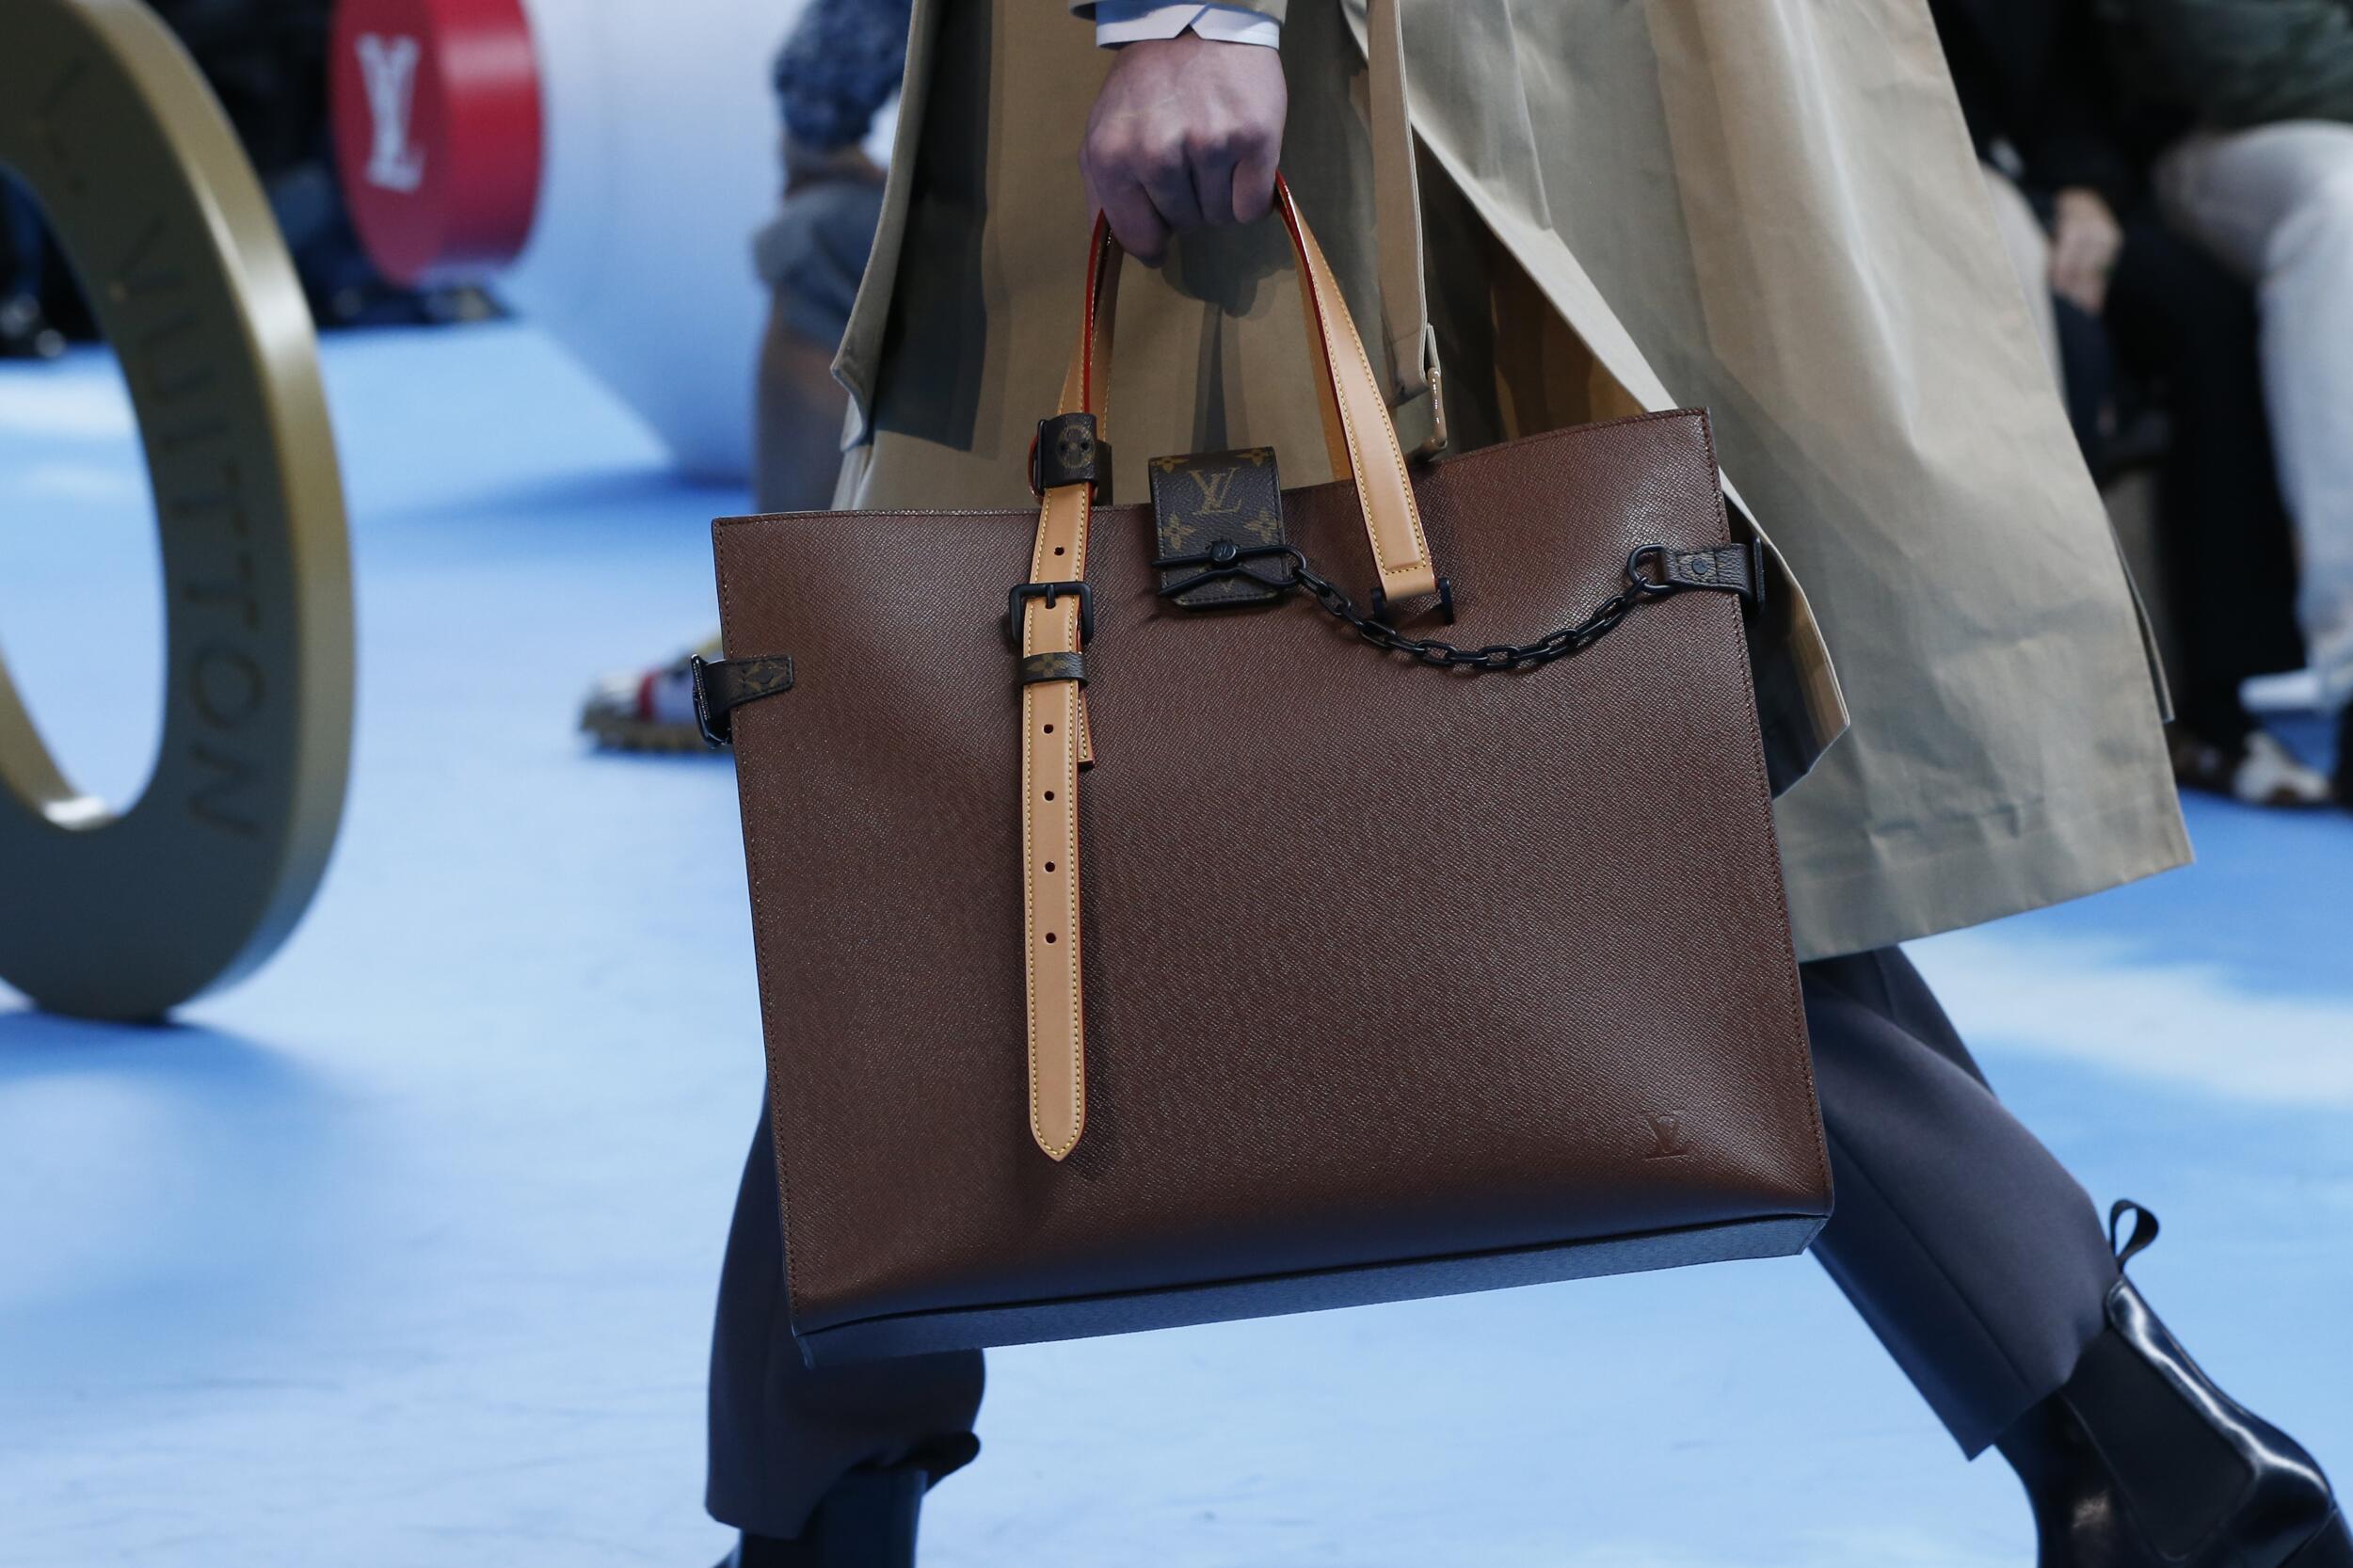 Louis Vuitton Bag Trends 2020